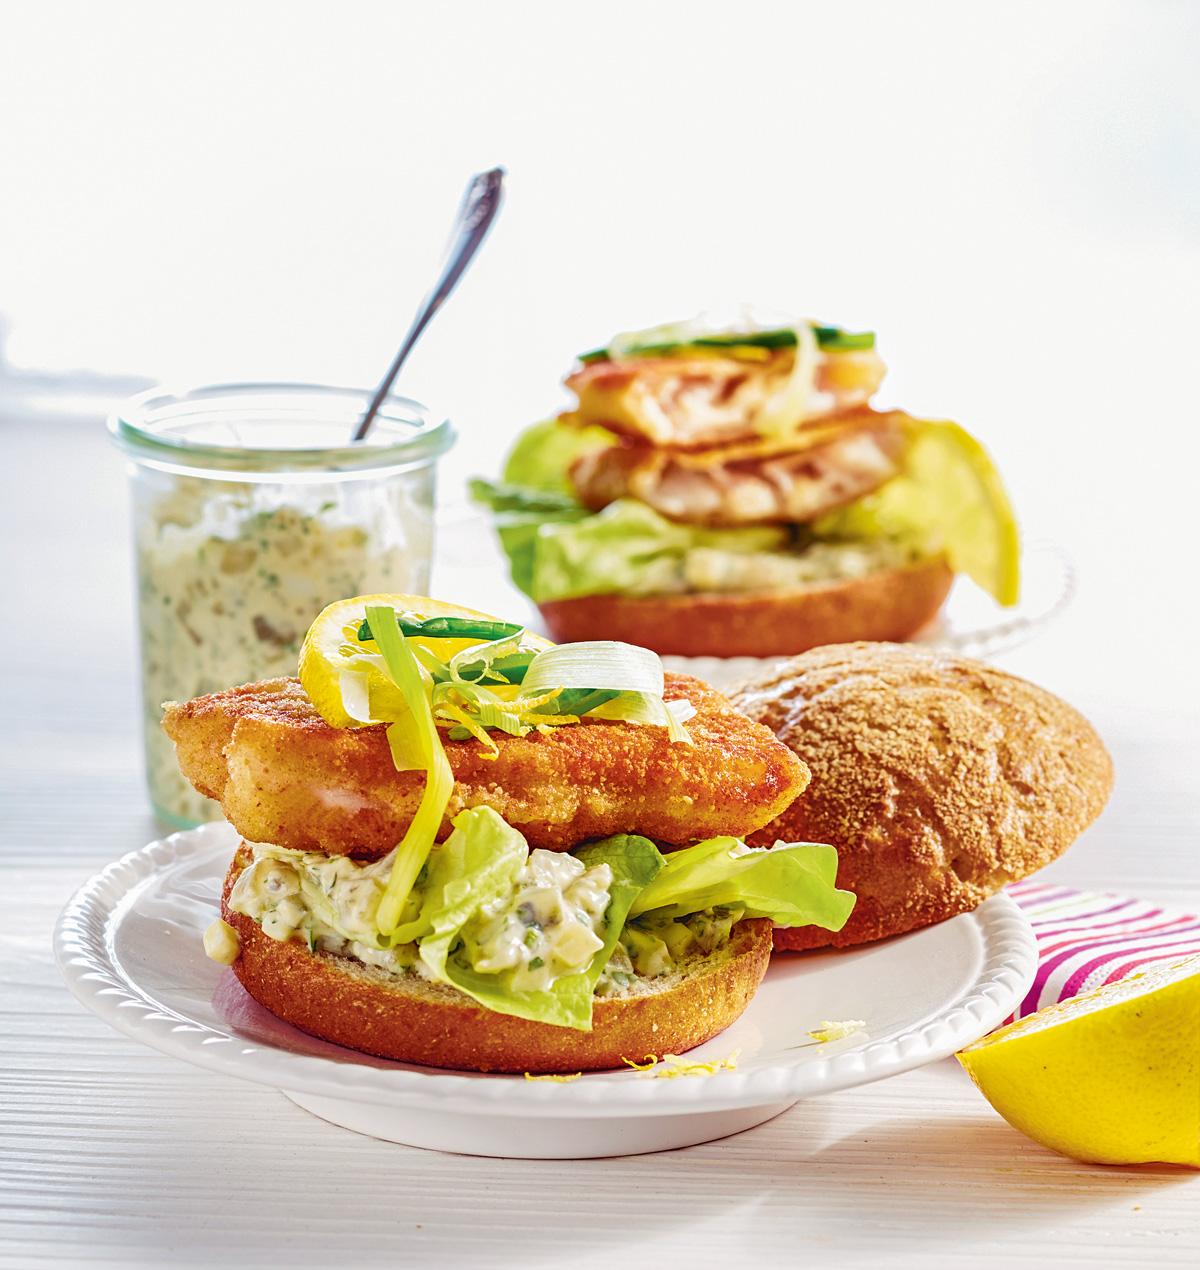 Der Backfisch zwischen zwei Burgerbrötchen und mit knackigen Beilagen ist ein wahrer Leckerbissen.